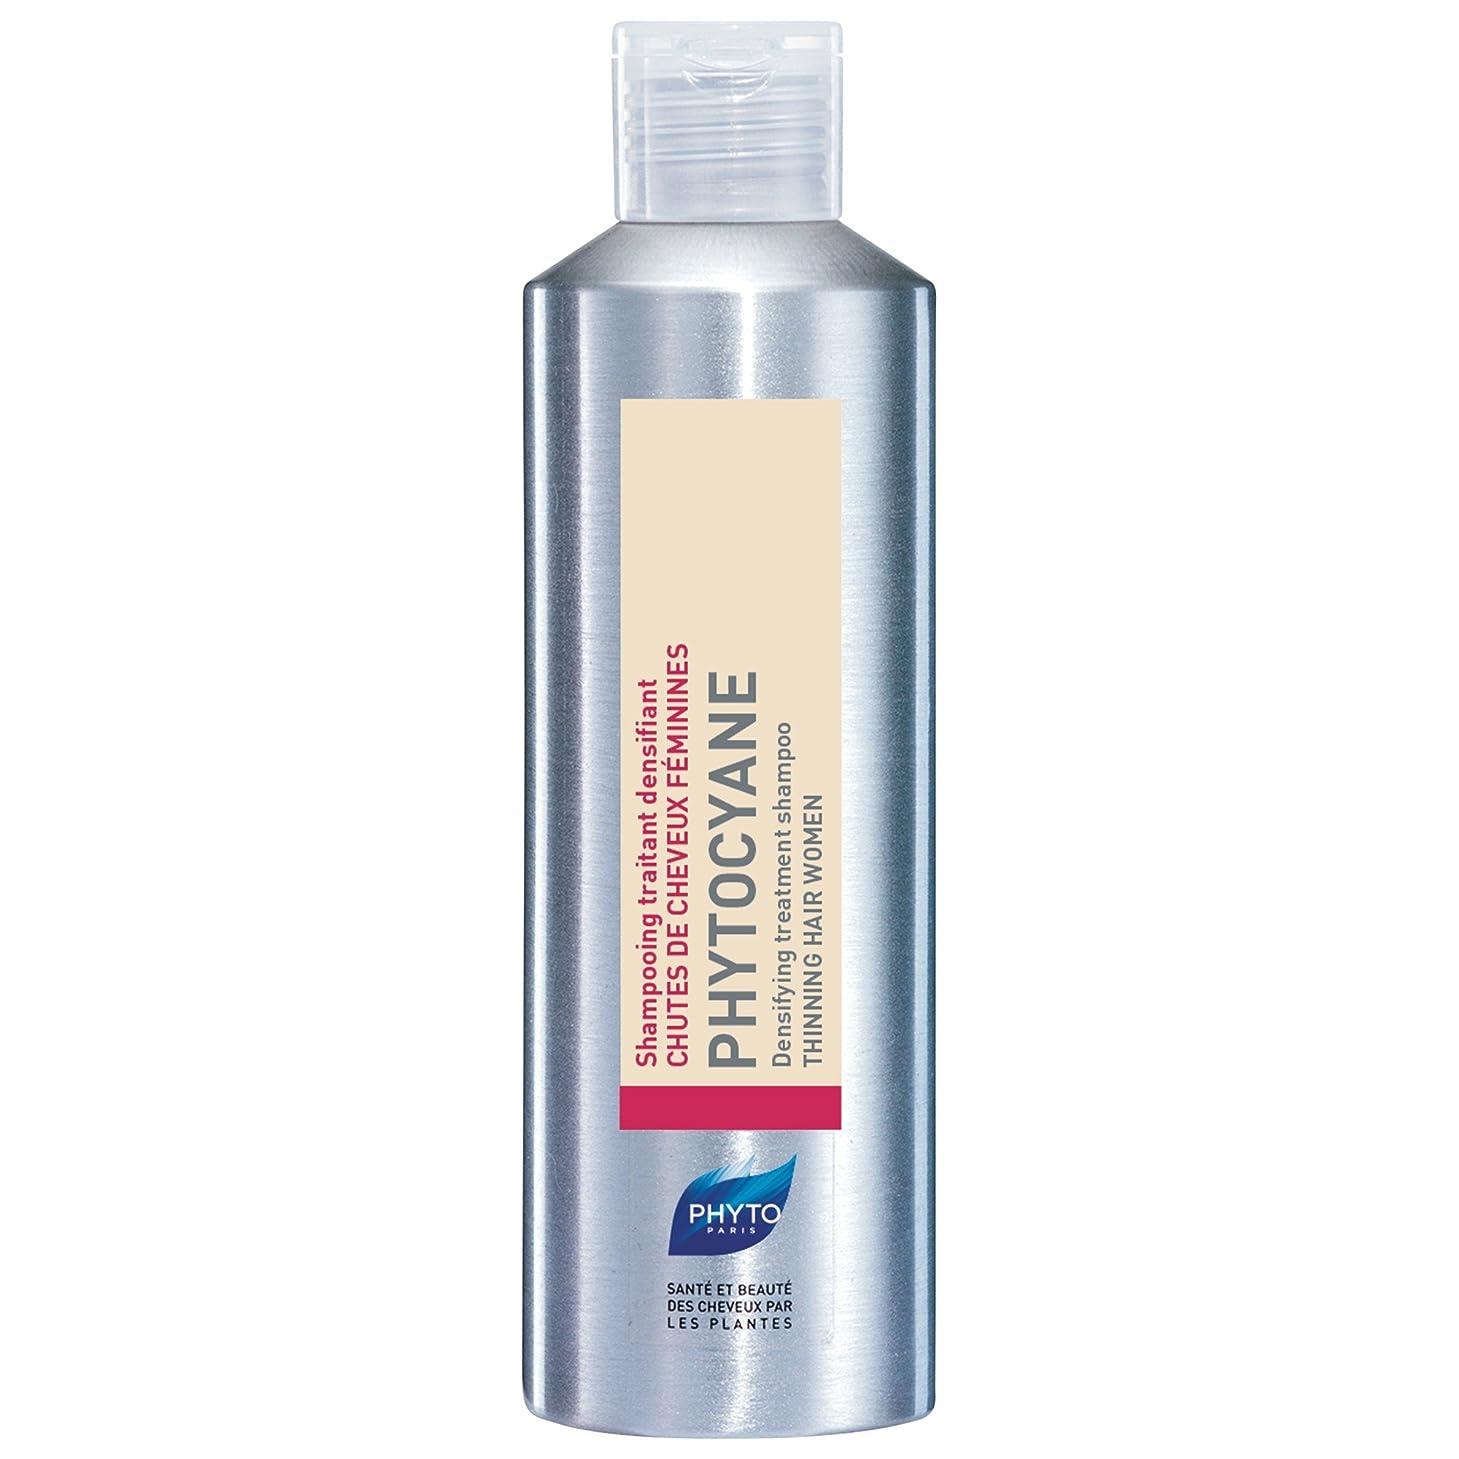 徐々に圧倒する崇拝する髪の200ミリリットルを薄くするための予防のためのシャンプーを緻密化フィトPhytocyane (Phyto) - Phyto Phytocyane Densifying Treatment Shampoo for Thinning Hair 200ml [並行輸入品]